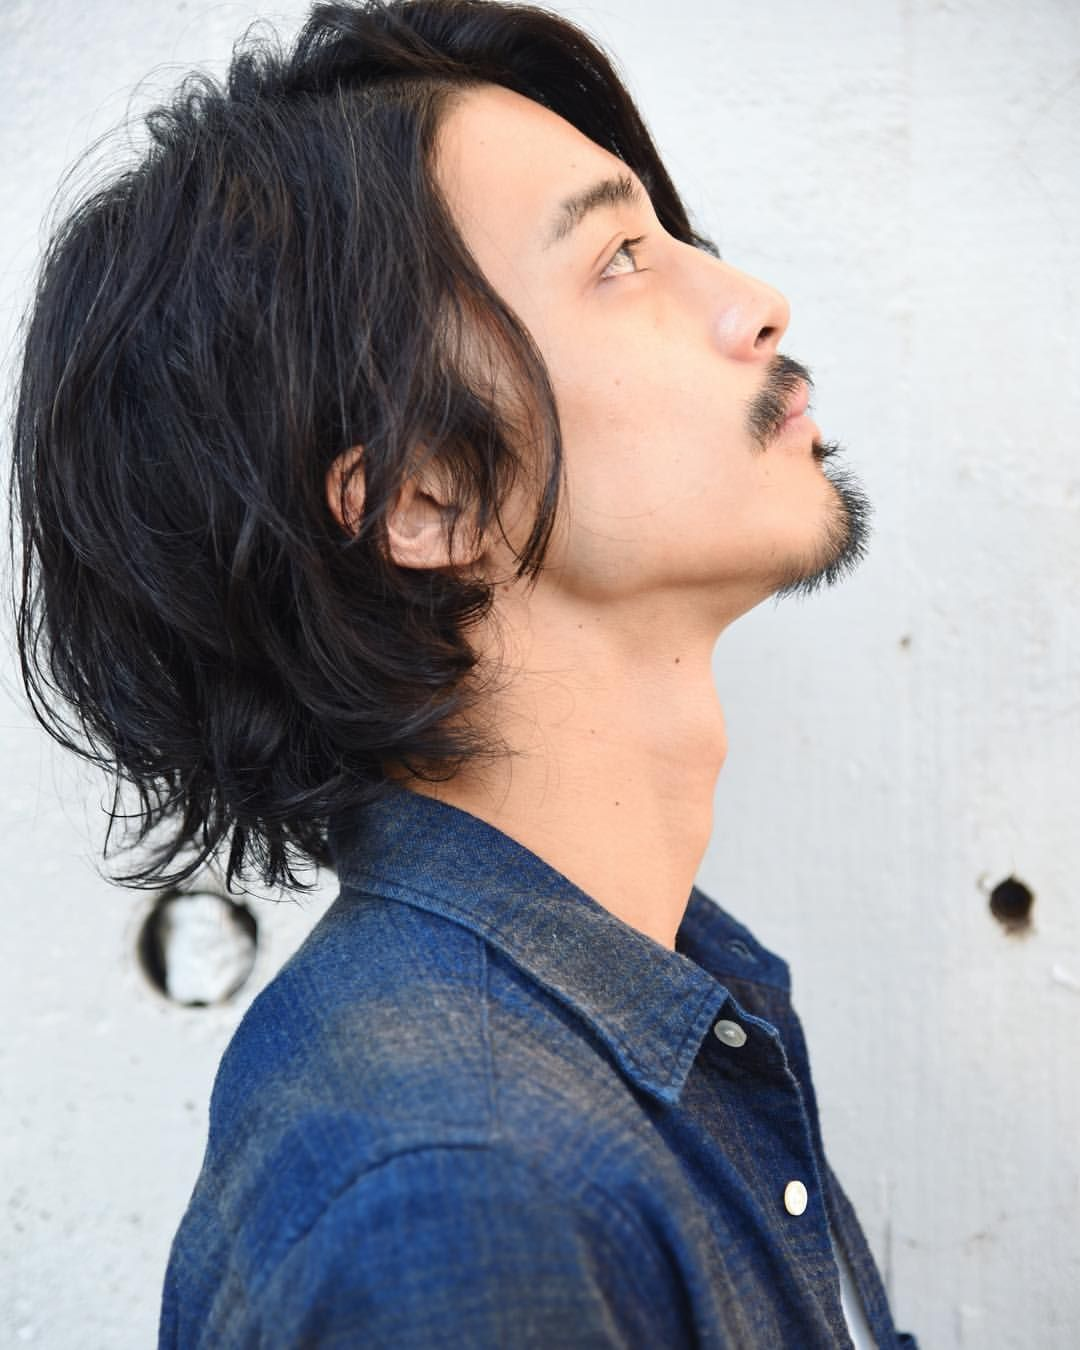 中山智史 Lepes Nakayama Instagram Photos And Videos 長髪の男性 メンズヘア ミディアム メンズ ヘアスタイル Long Hair Styles Men Long Hair Styles Neck Length Hair